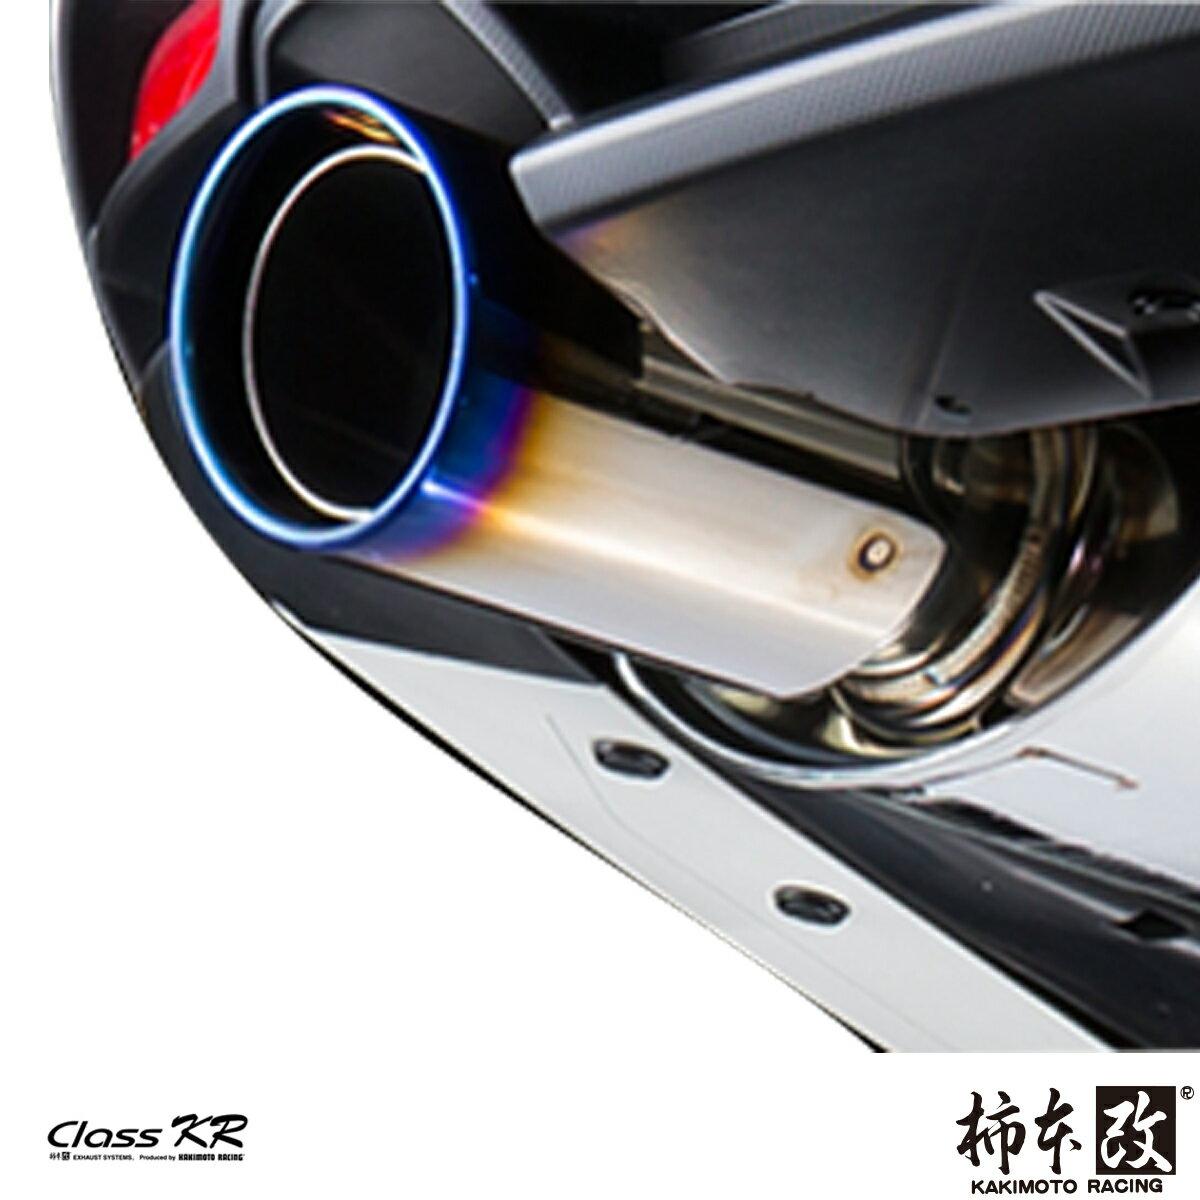 柿本 改 クラスKR アテンザワゴン LDA-GJ2FW マフラー 品番:Z71326 KAKIMOTO RACING Class KR 条件付き送料無料 柿本 改 クラスKR アテンザワゴン LDA-GJ2FW マフラー 品番:Z71326 KAKIMOTO RACING Class KR